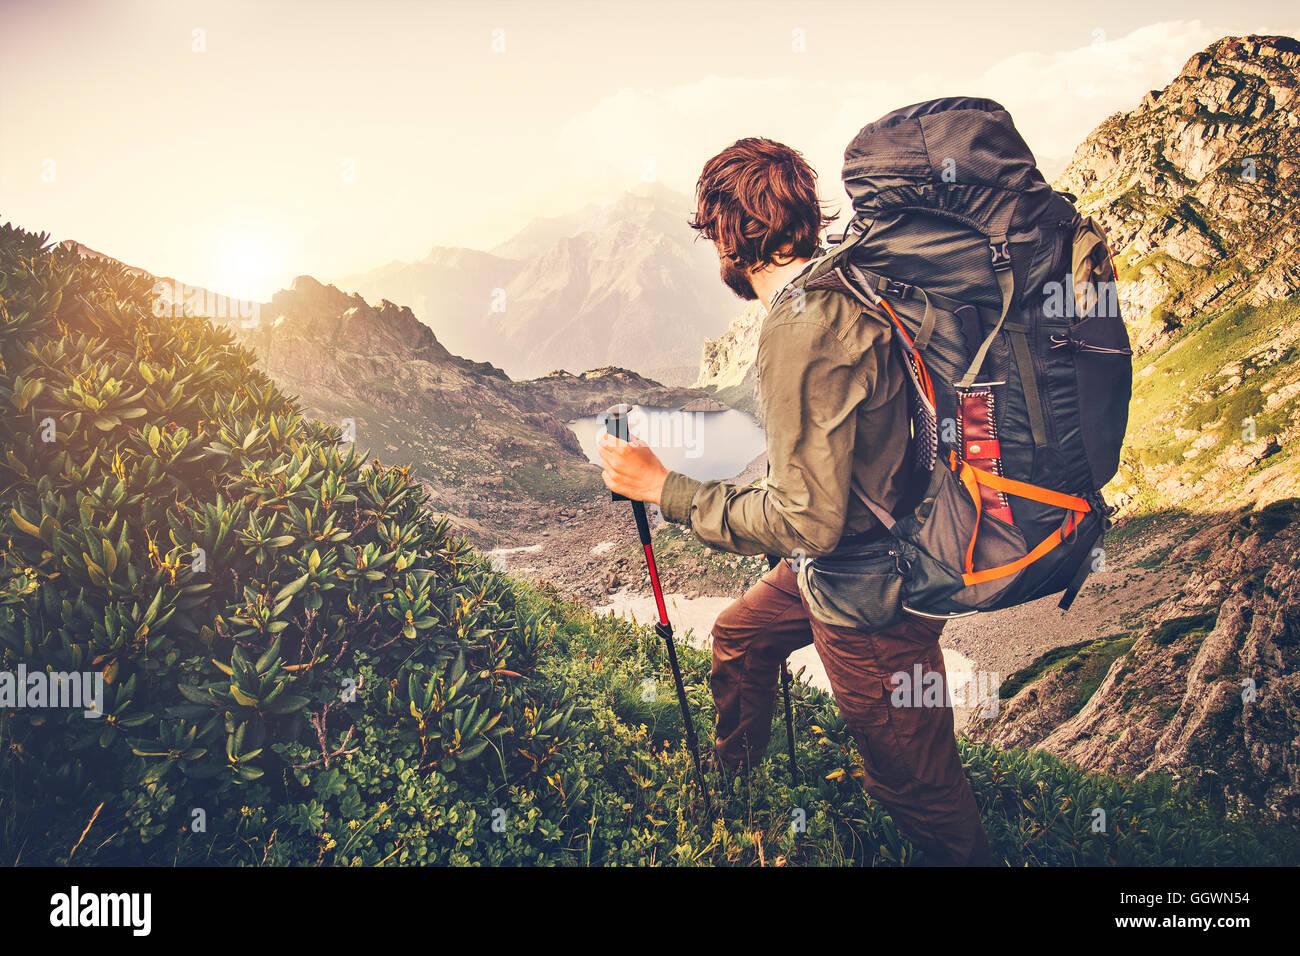 Sac à dos homme Traveler avec Voyage alpinisme concept style lac et montagnes en arrière-plan sur l'expédition Photo Stock